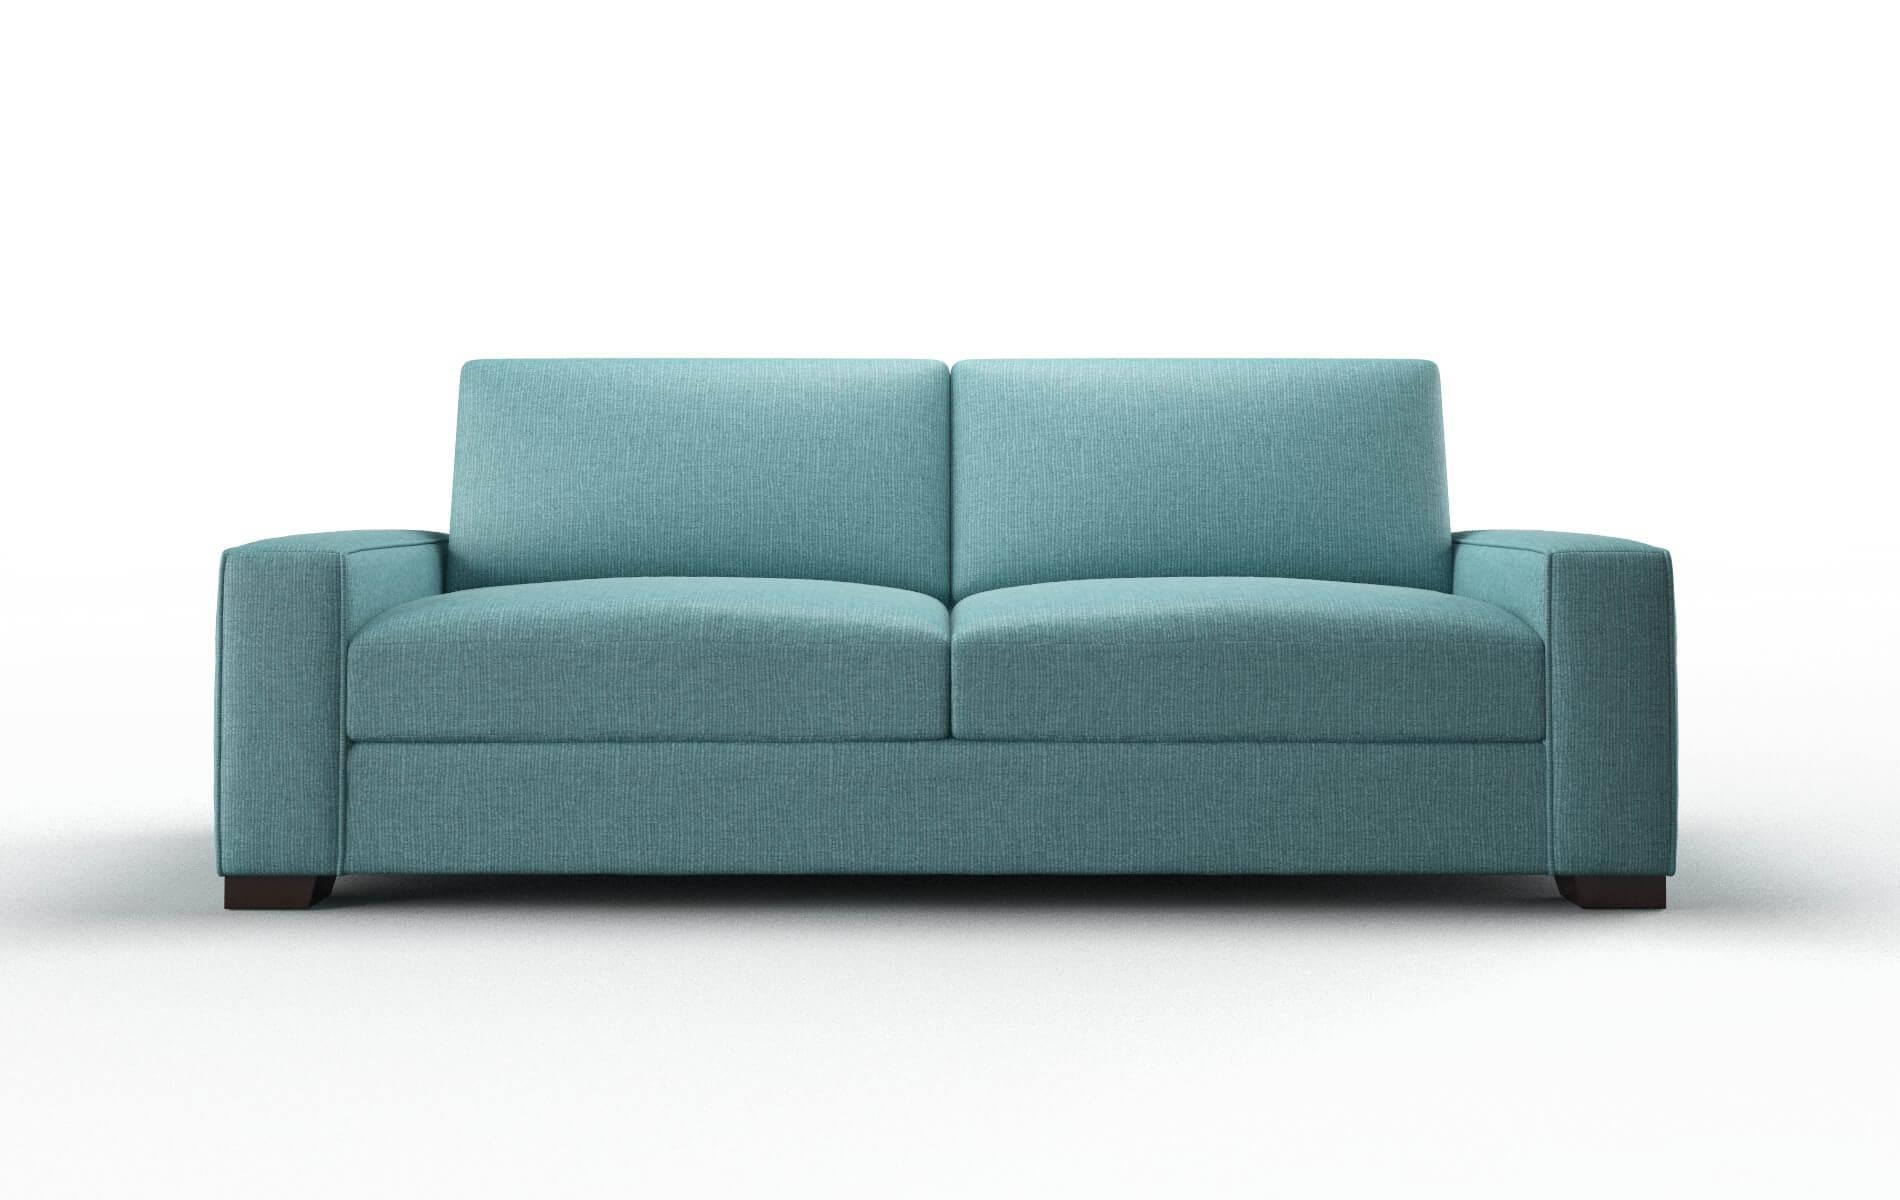 Monaco Parker Turquoise Sofa espresso legs 1